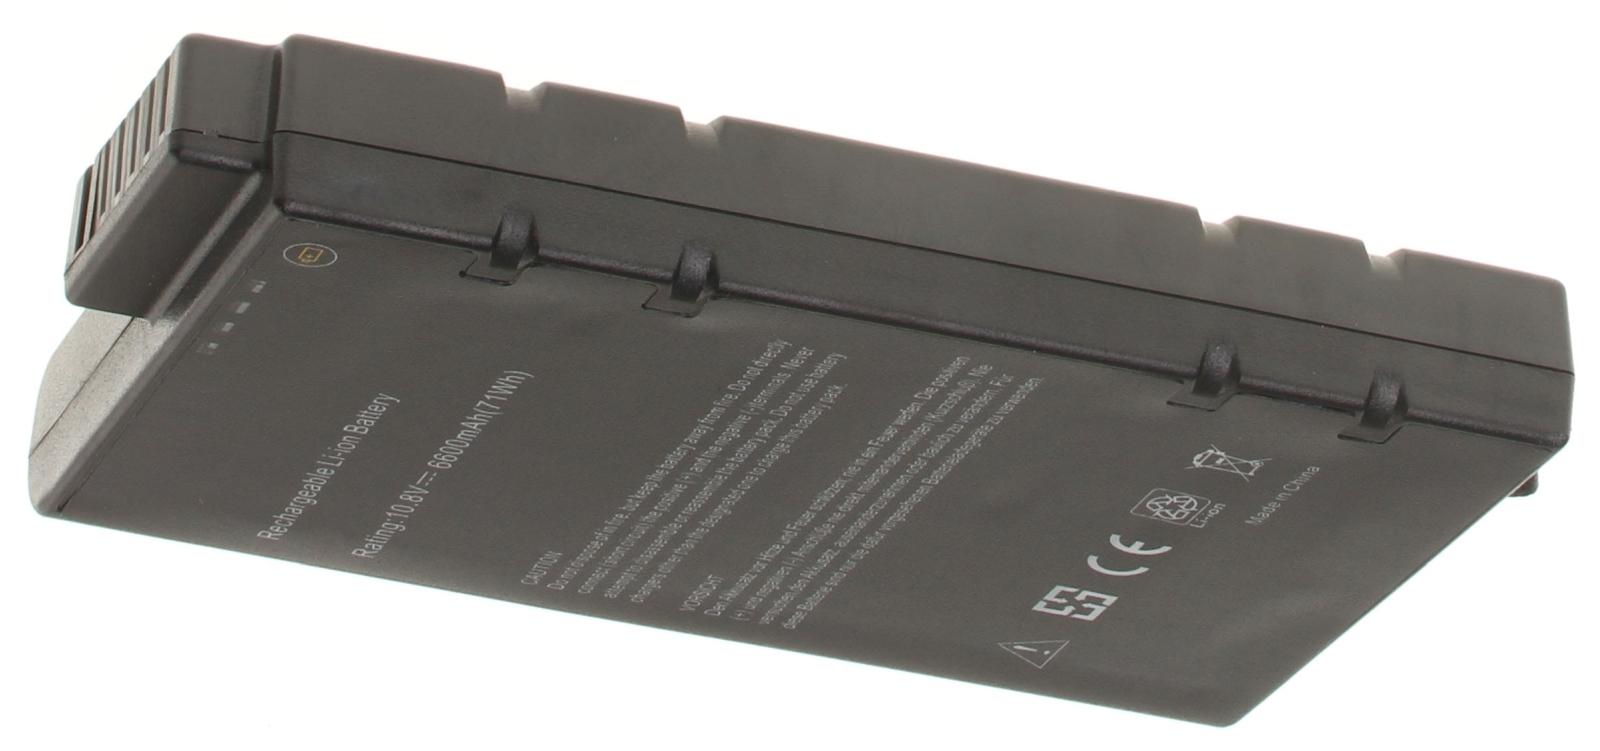 Аккумуляторная батарея для ноутбука Samsung SENSPro 522. Артикул 11-1393.Емкость (mAh): 6600. Напряжение (V): 11,1